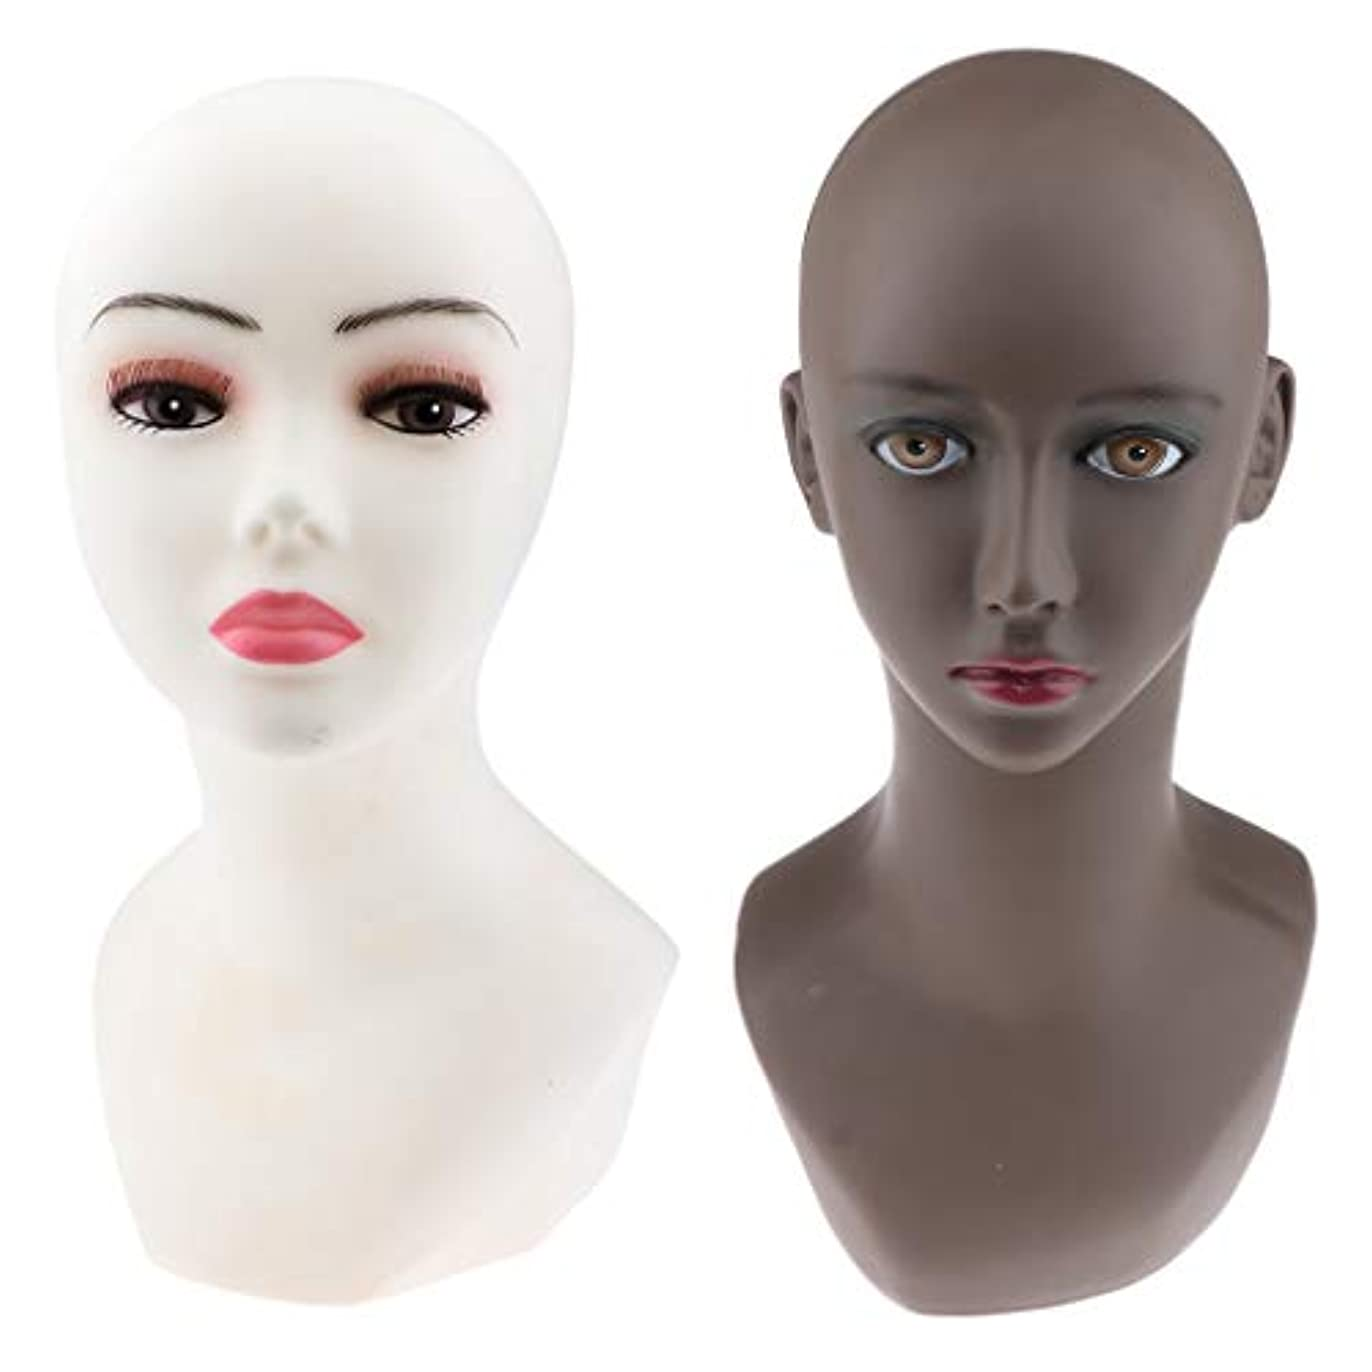 離婚器用クマノミT TOOYFUL 2個セット マネキンヘッド 女性 ヘッドモデル PVC製 かつら作成 美容 化粧練習 洋服店 美容院